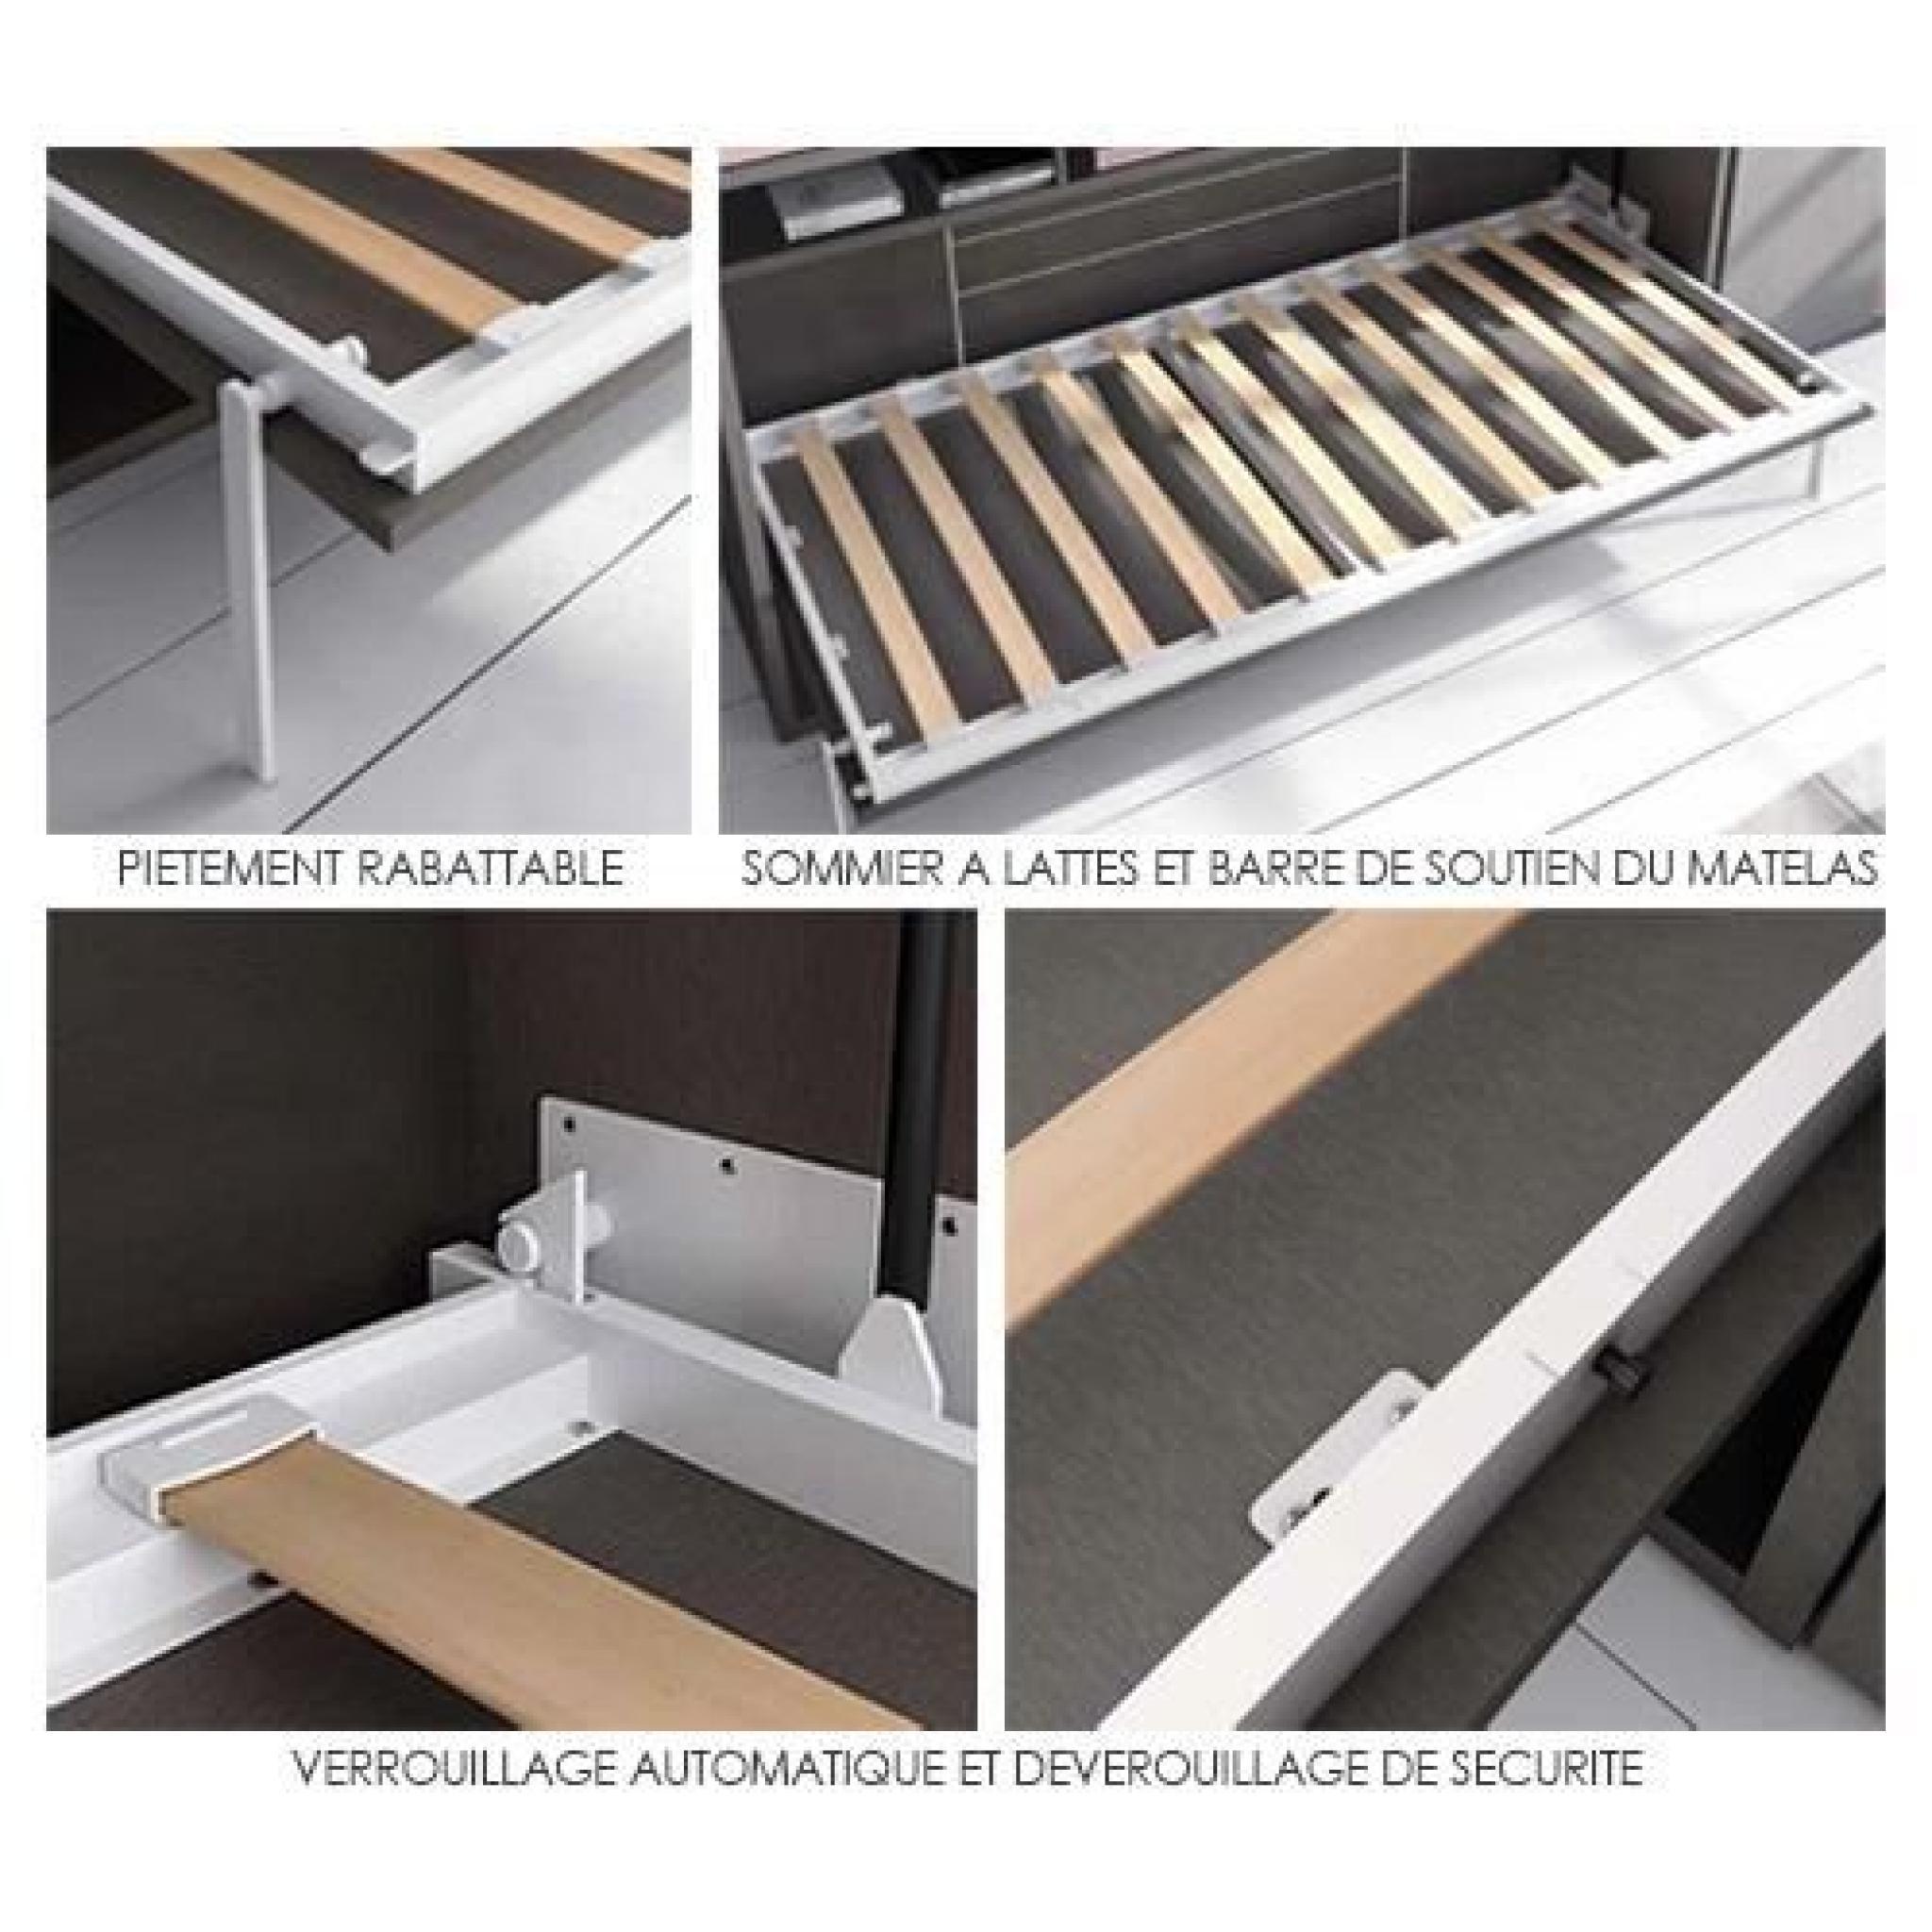 lit relevable vertical teo 140x190 blanc mat achat vente lit escamotable pas cher couleur et. Black Bedroom Furniture Sets. Home Design Ideas